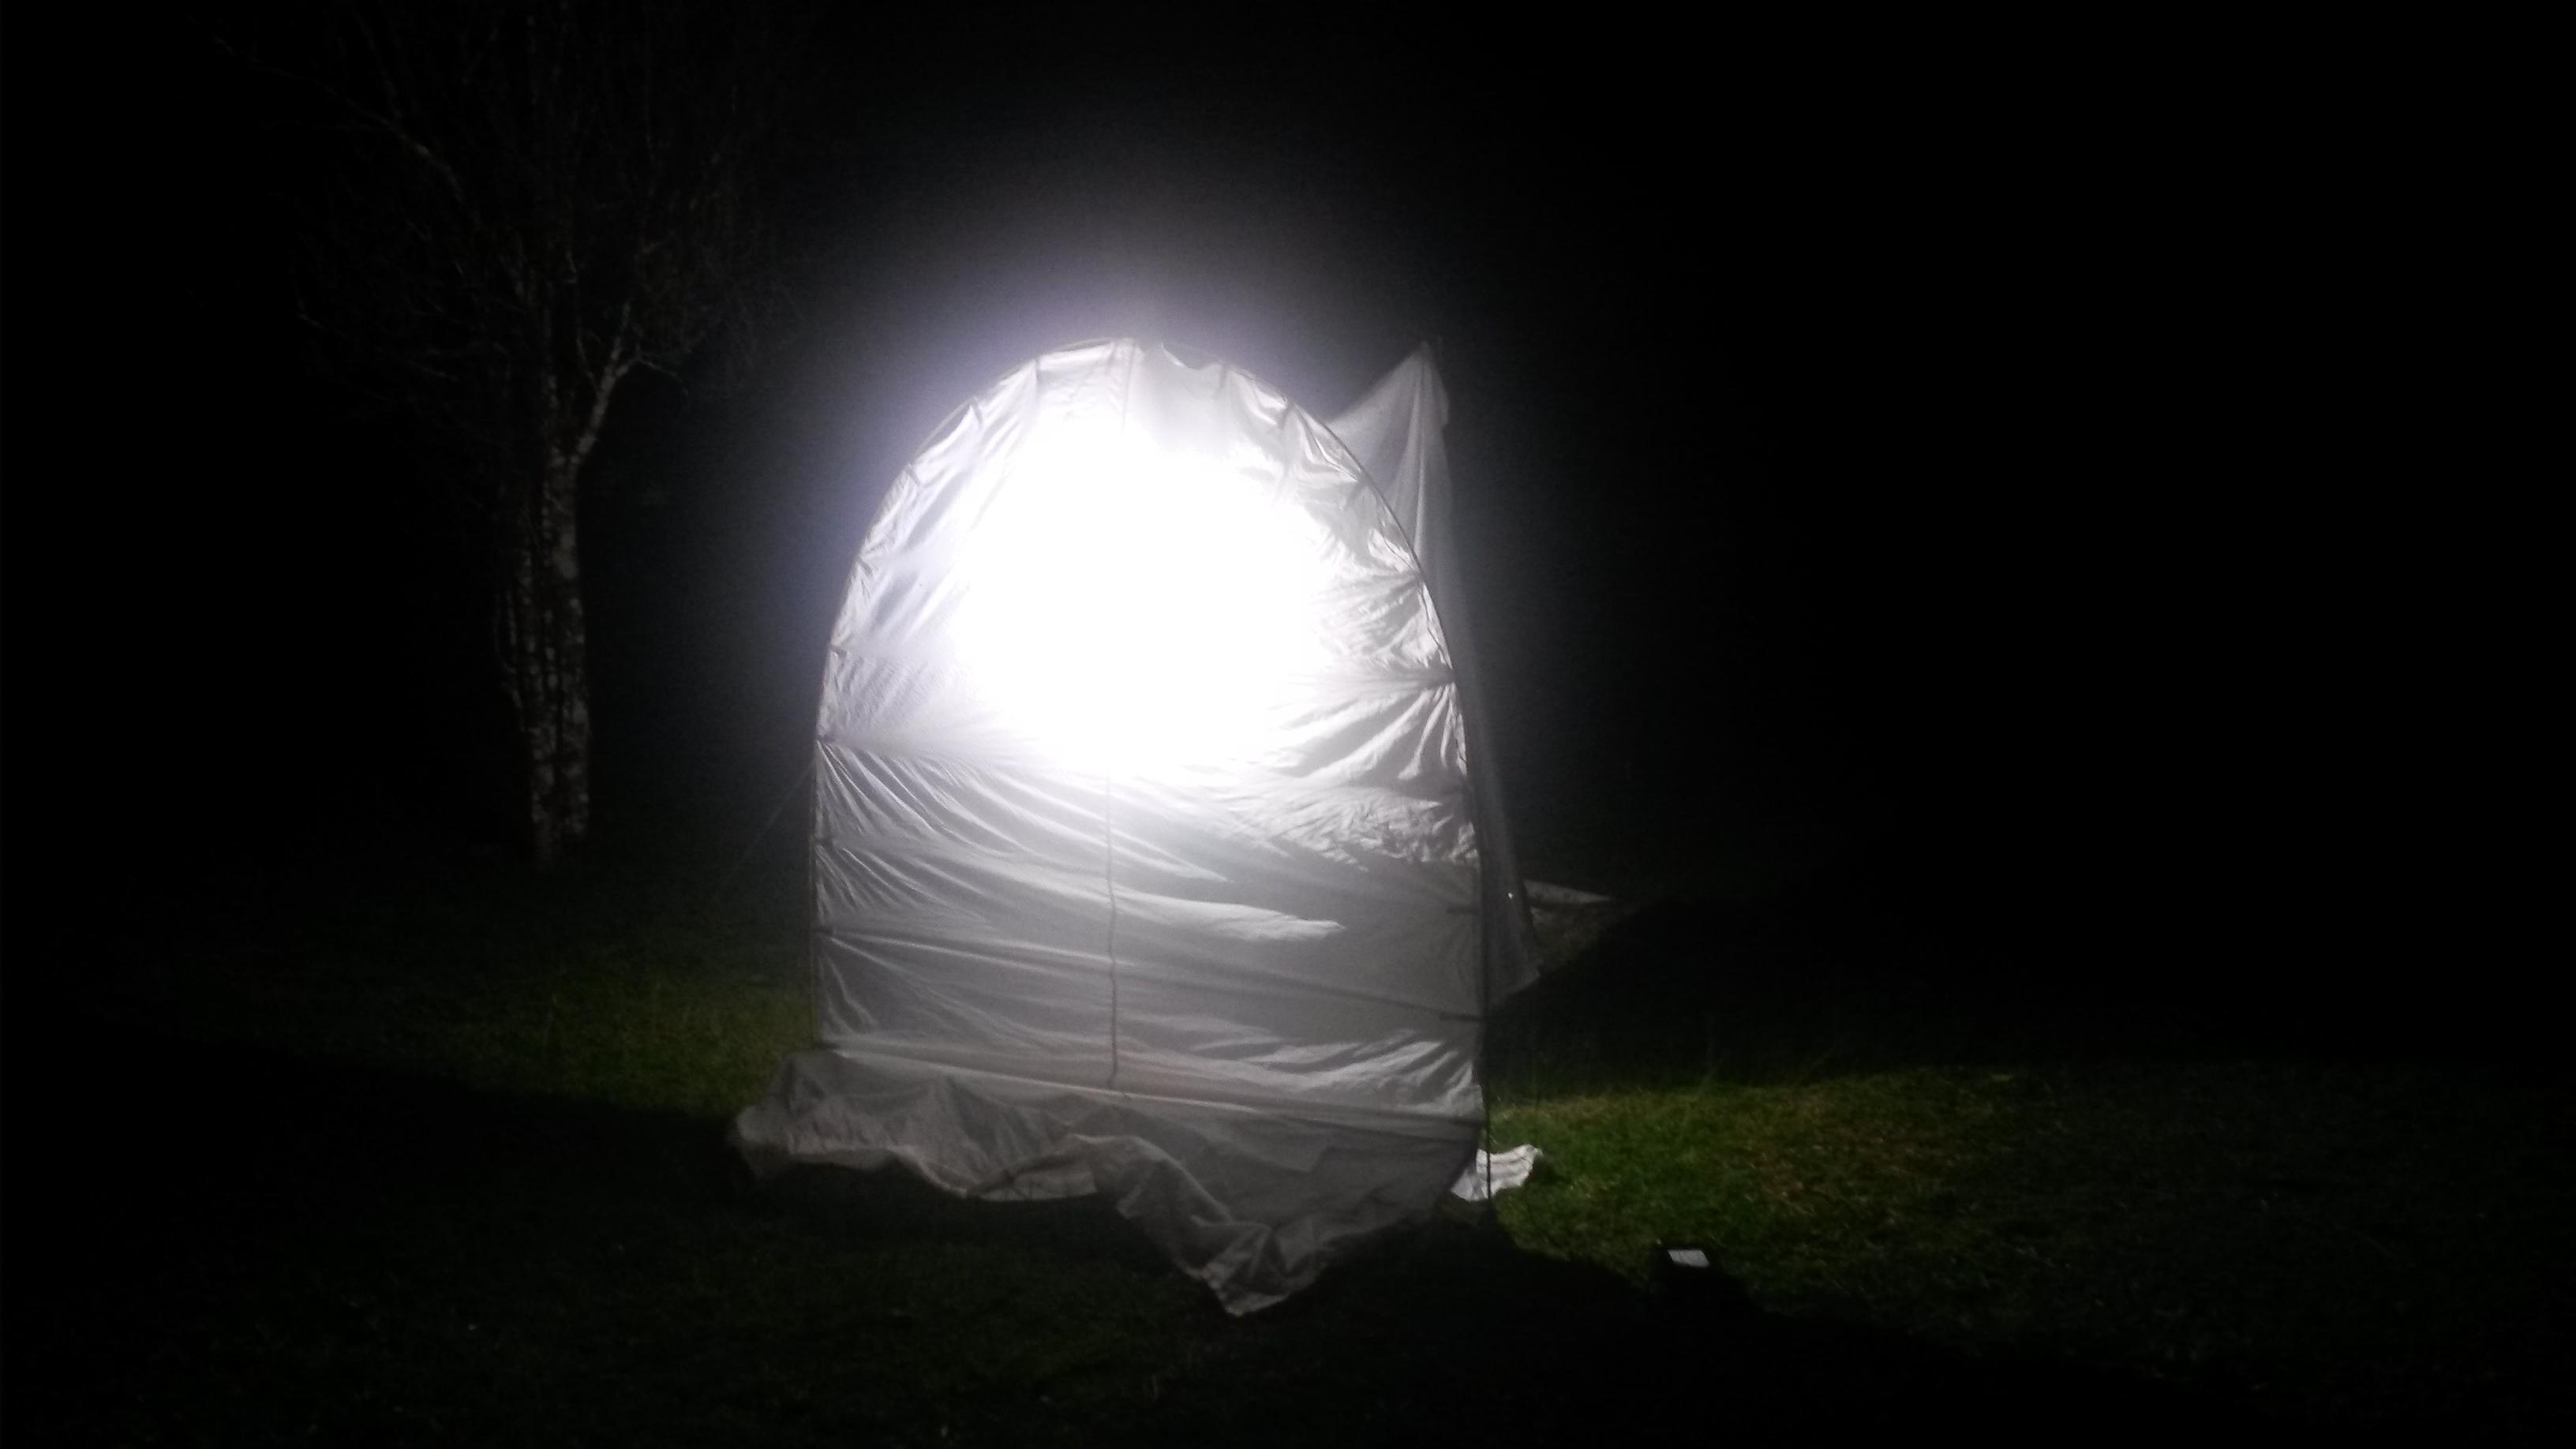 Sheet light